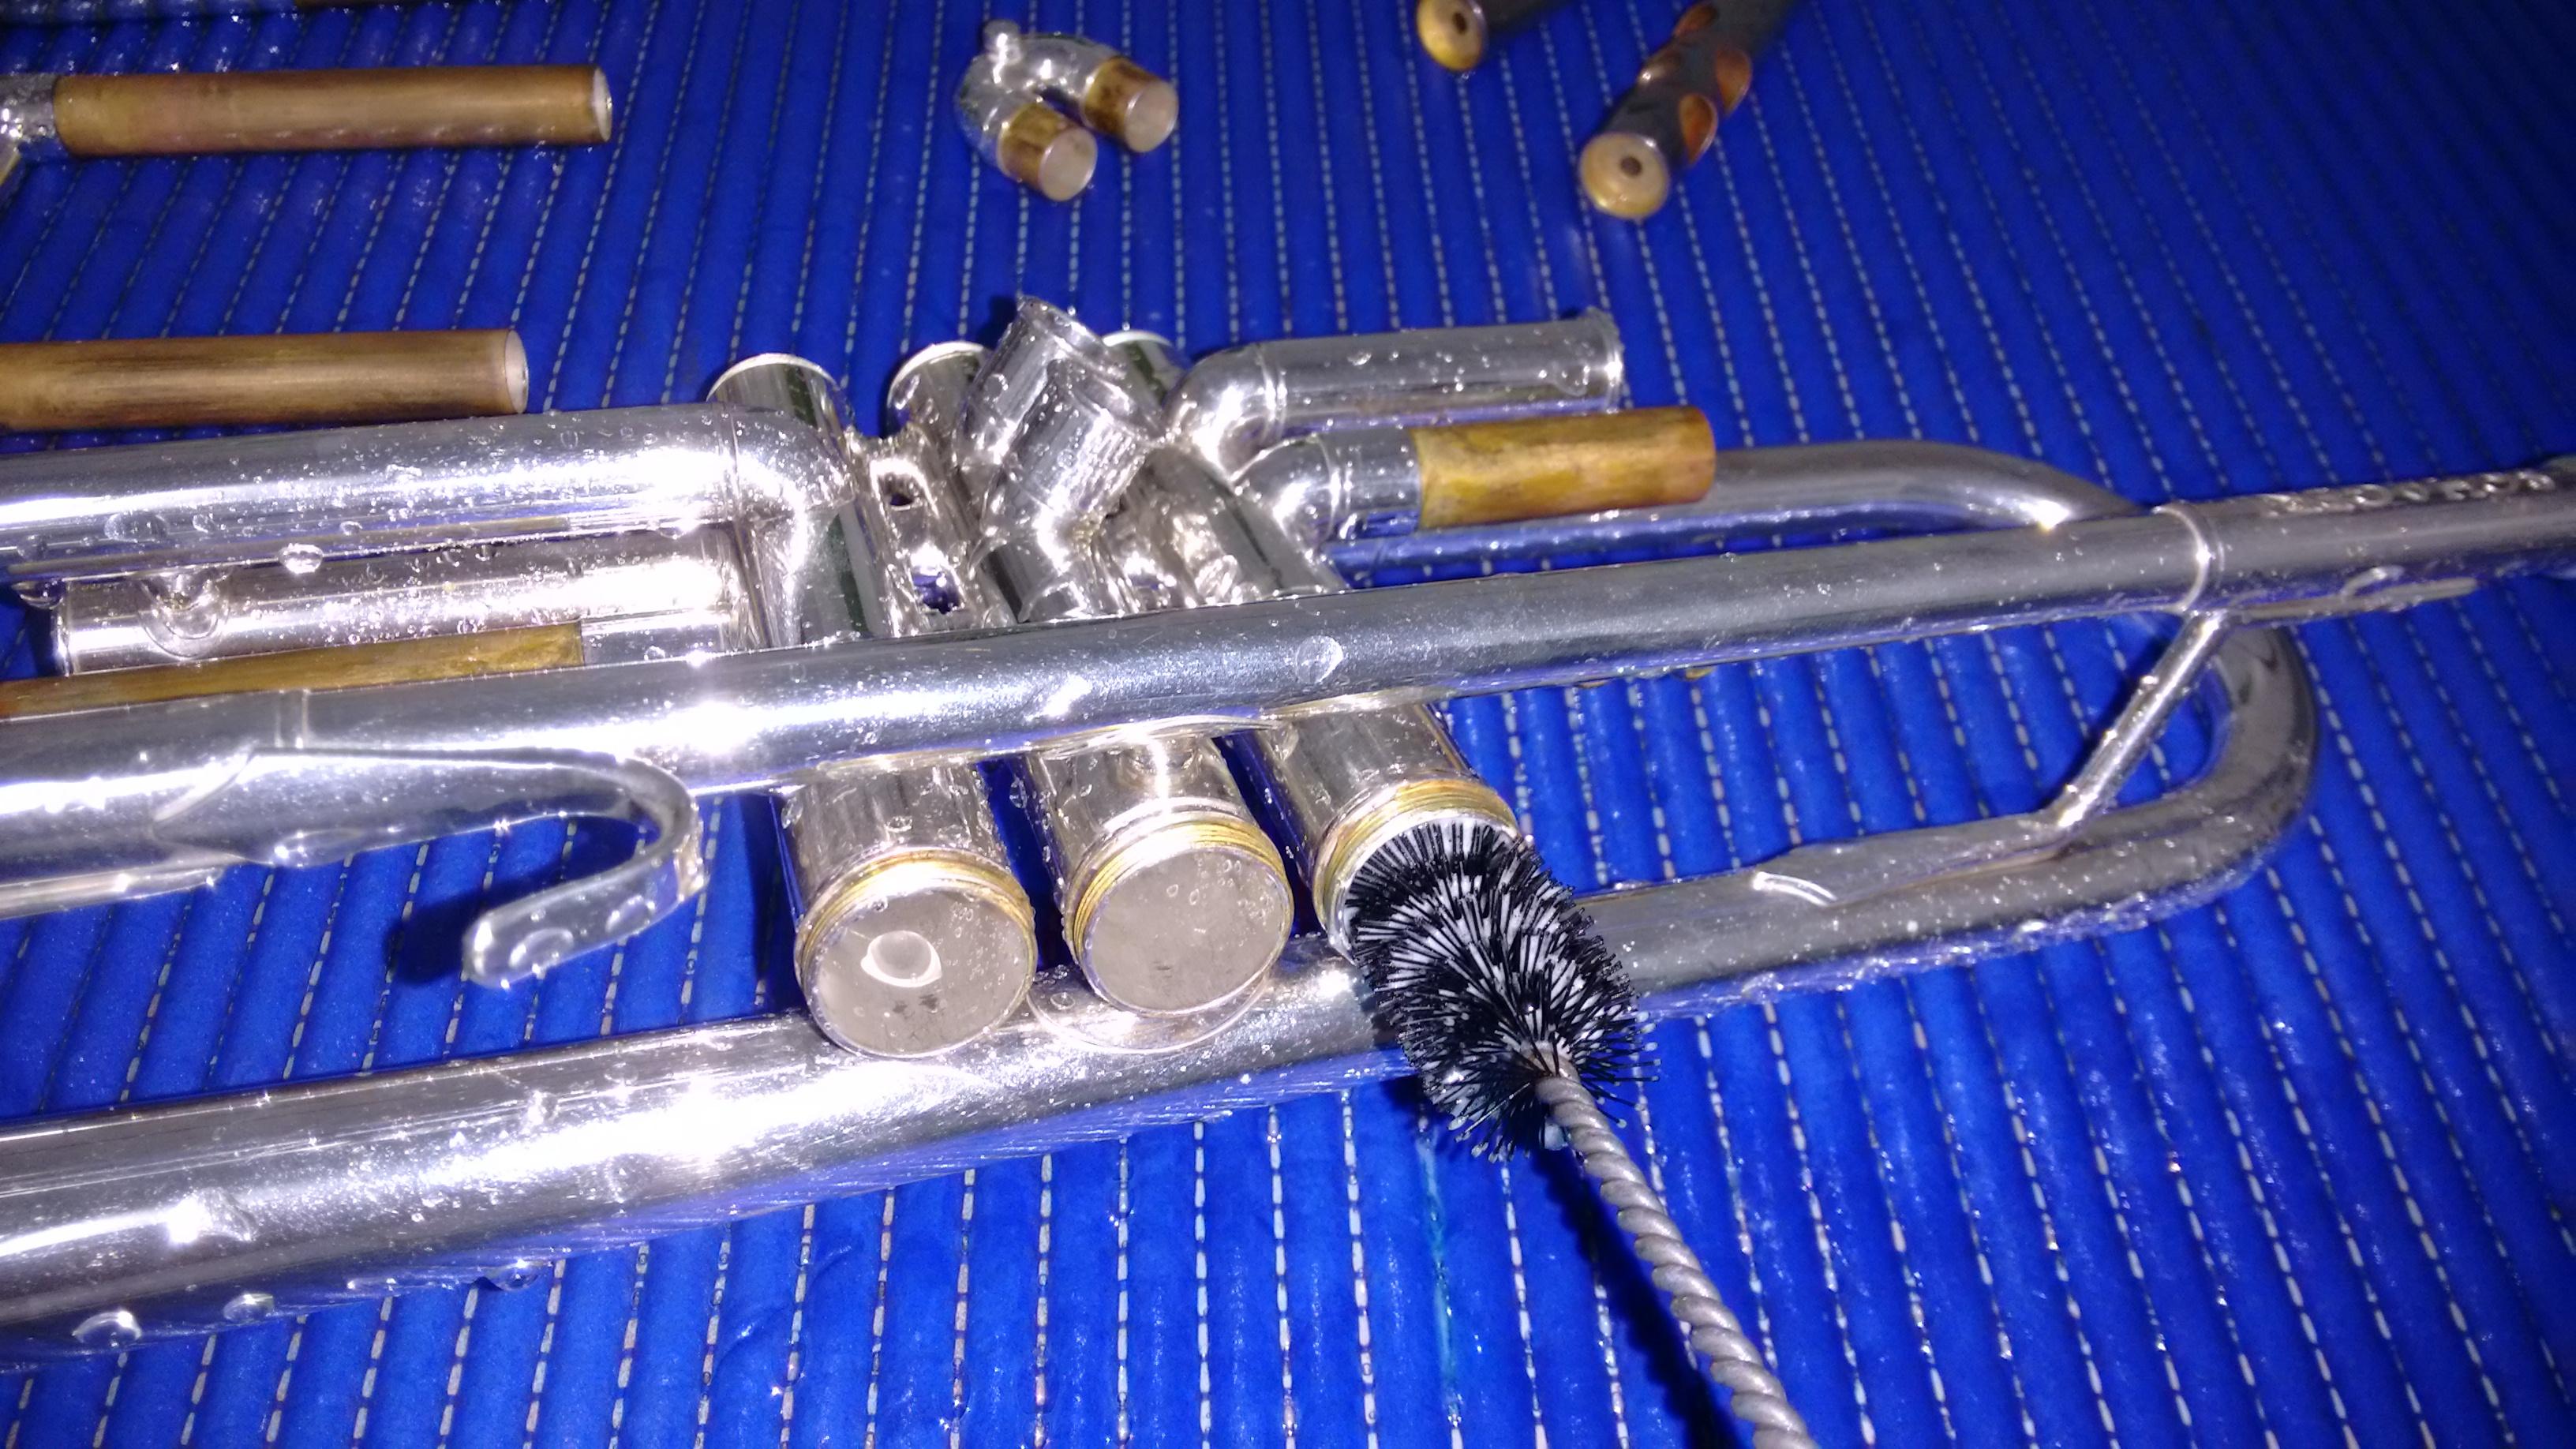 Limpieza del interior de la trompeta para quitar los restos del producto que se utiliza para asentar los pistones